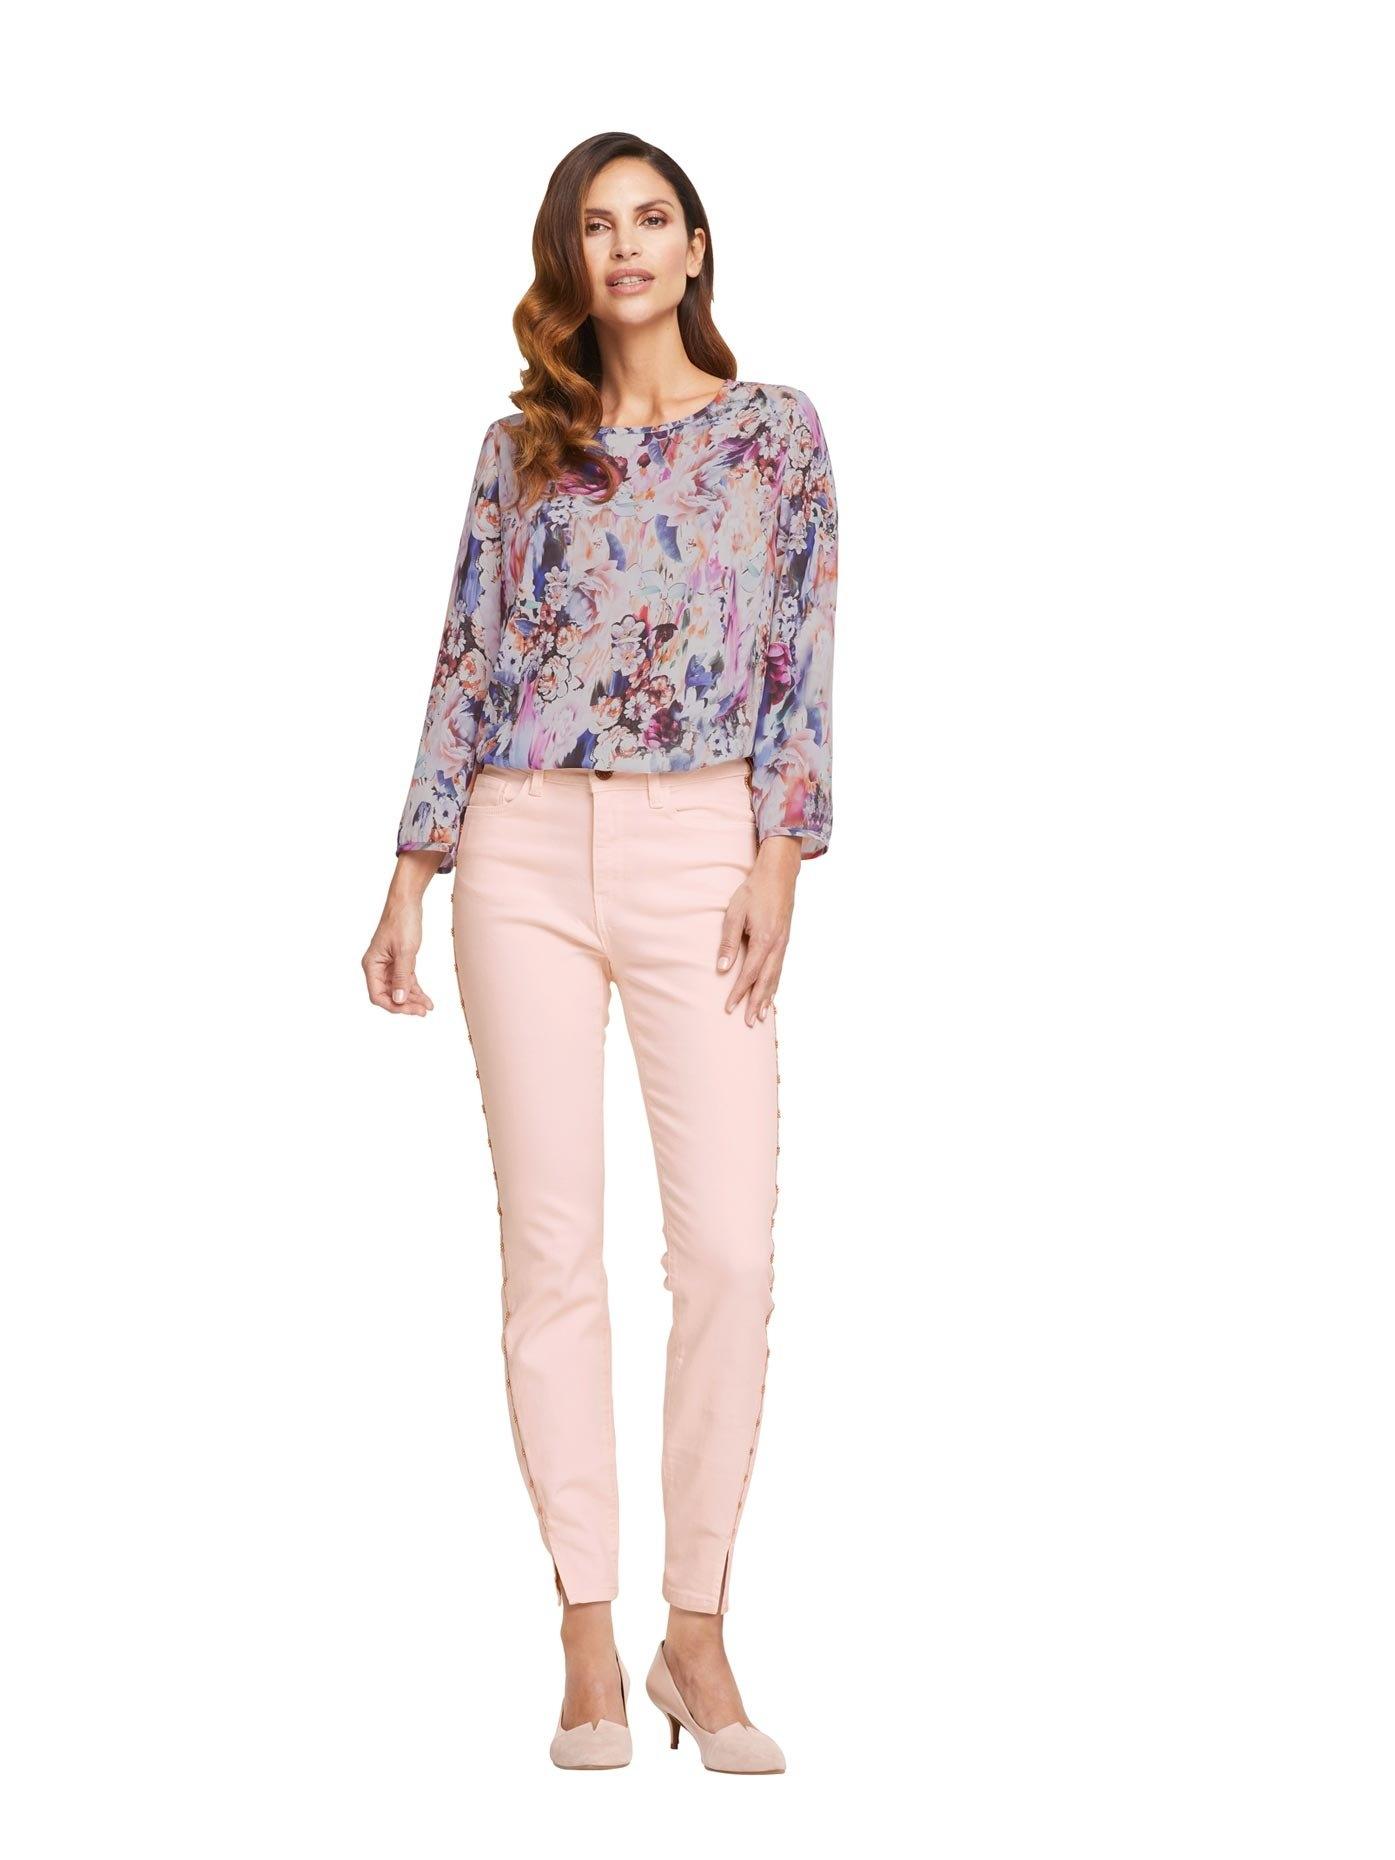 ASHLEY BROOKE by Heine skinny jeans goedkoop op otto.nl kopen